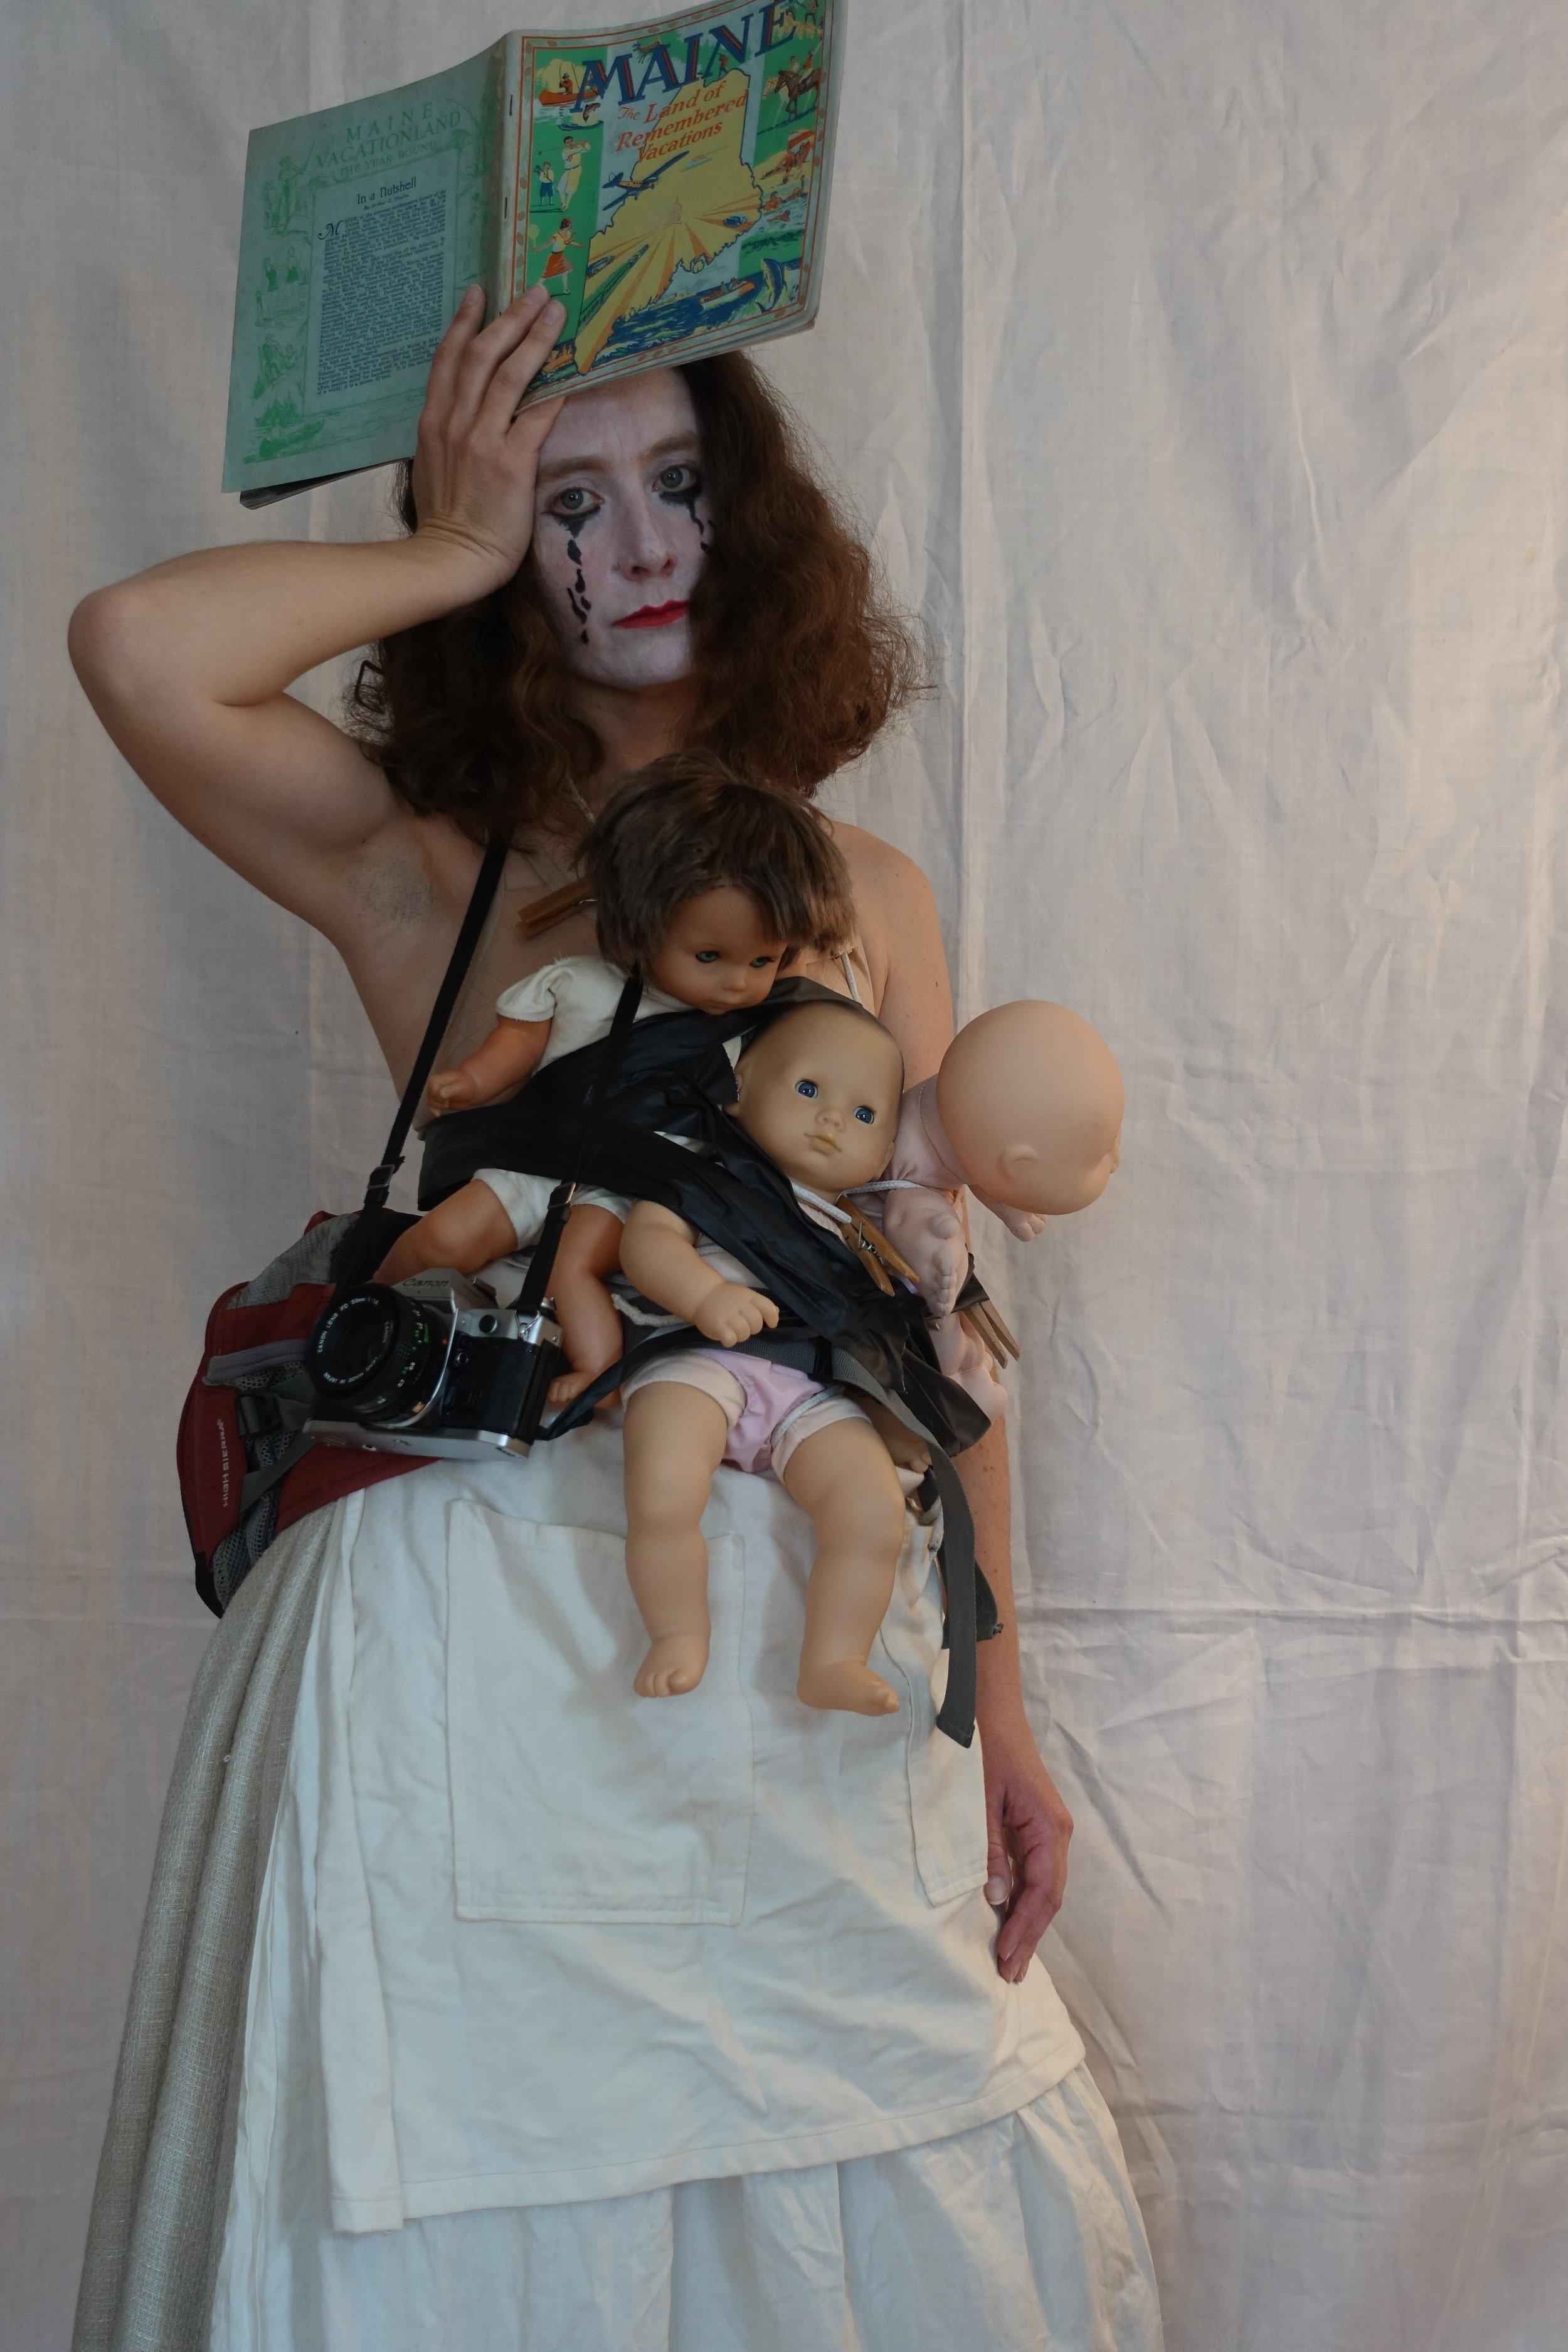 - #libbywomen: the settlerwife's tourinativism